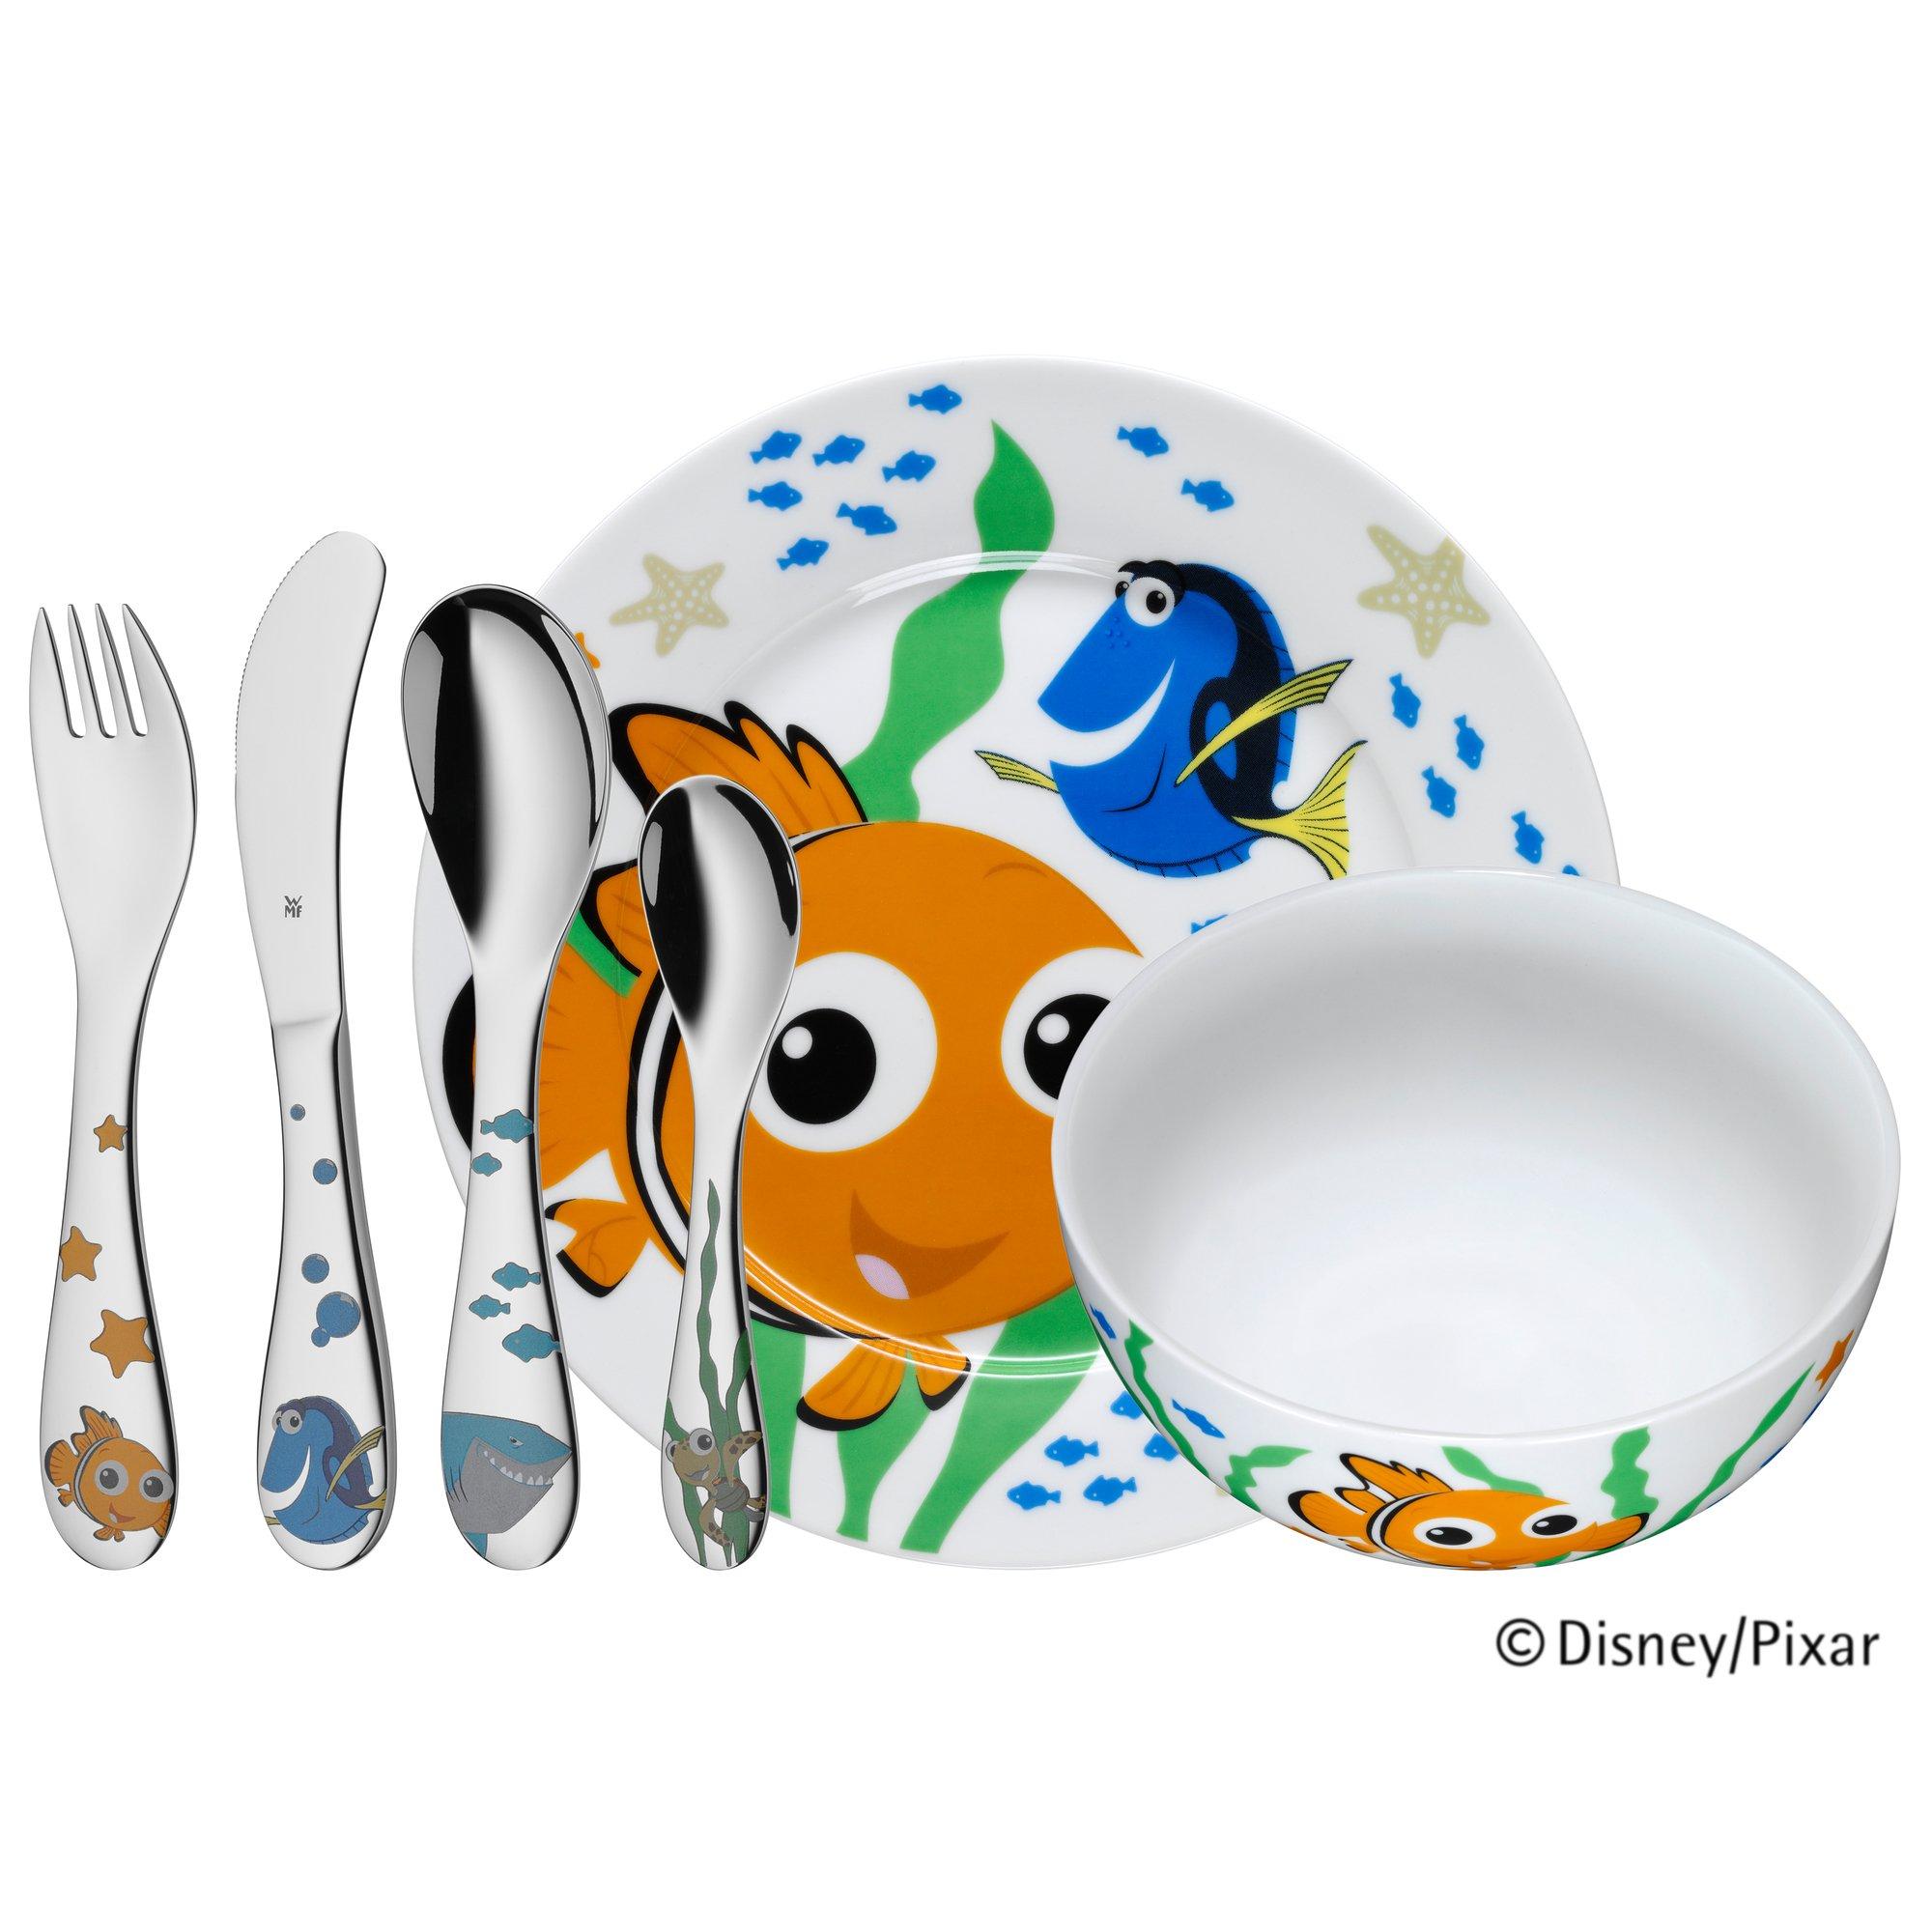 WMF Disney Buscando a Nemo - Vajilla para niños 6 piezas, incluye plato, cuenco y cubertería (tenedor, cuchillo de mesa, cuchara y cuchara pequeña) (WMF ...